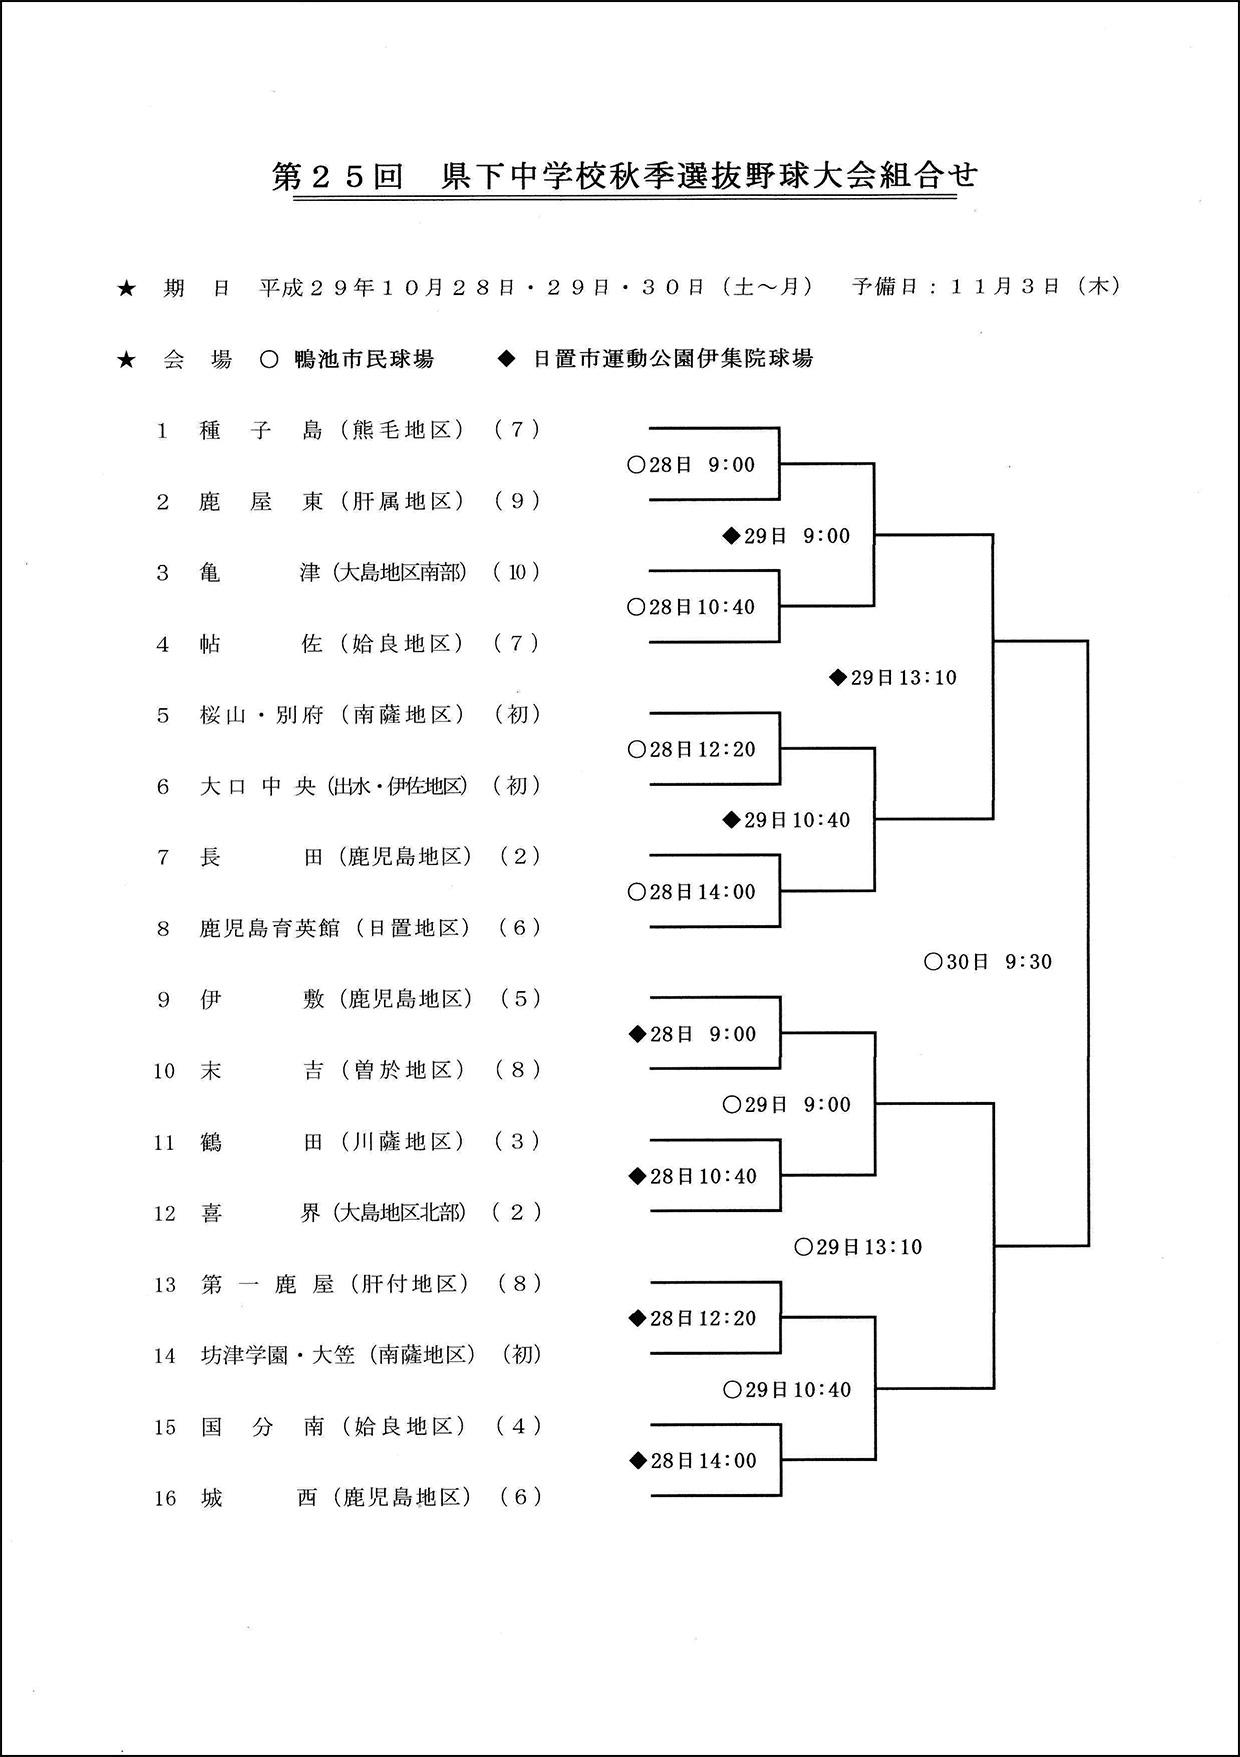 【組合せ】第25回県下中学校秋季選抜野球大会組合せ